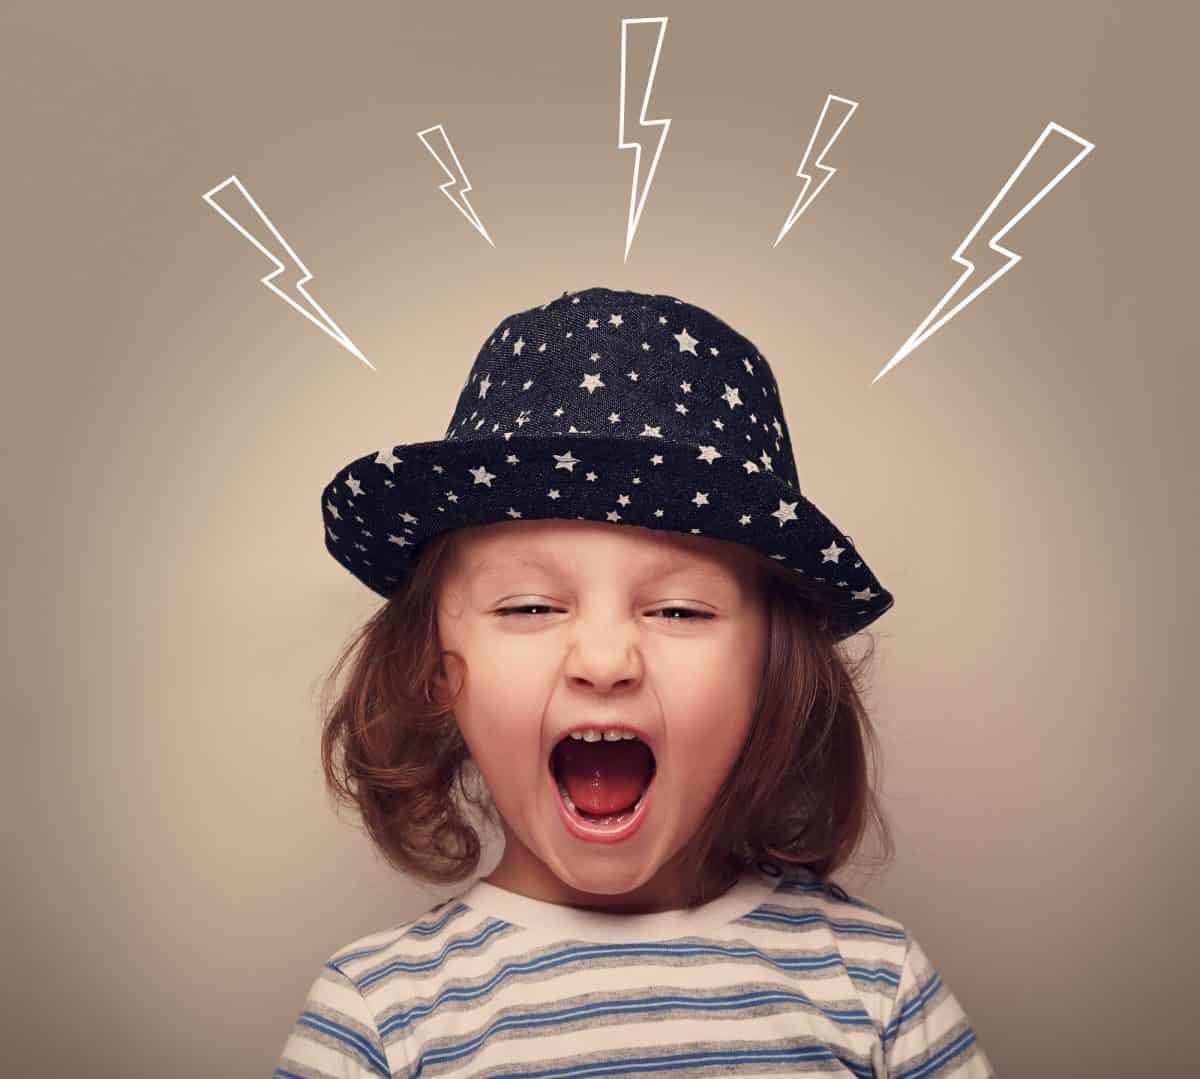 Napady złości u dziecka - skąd się biorą? Jak reagować?